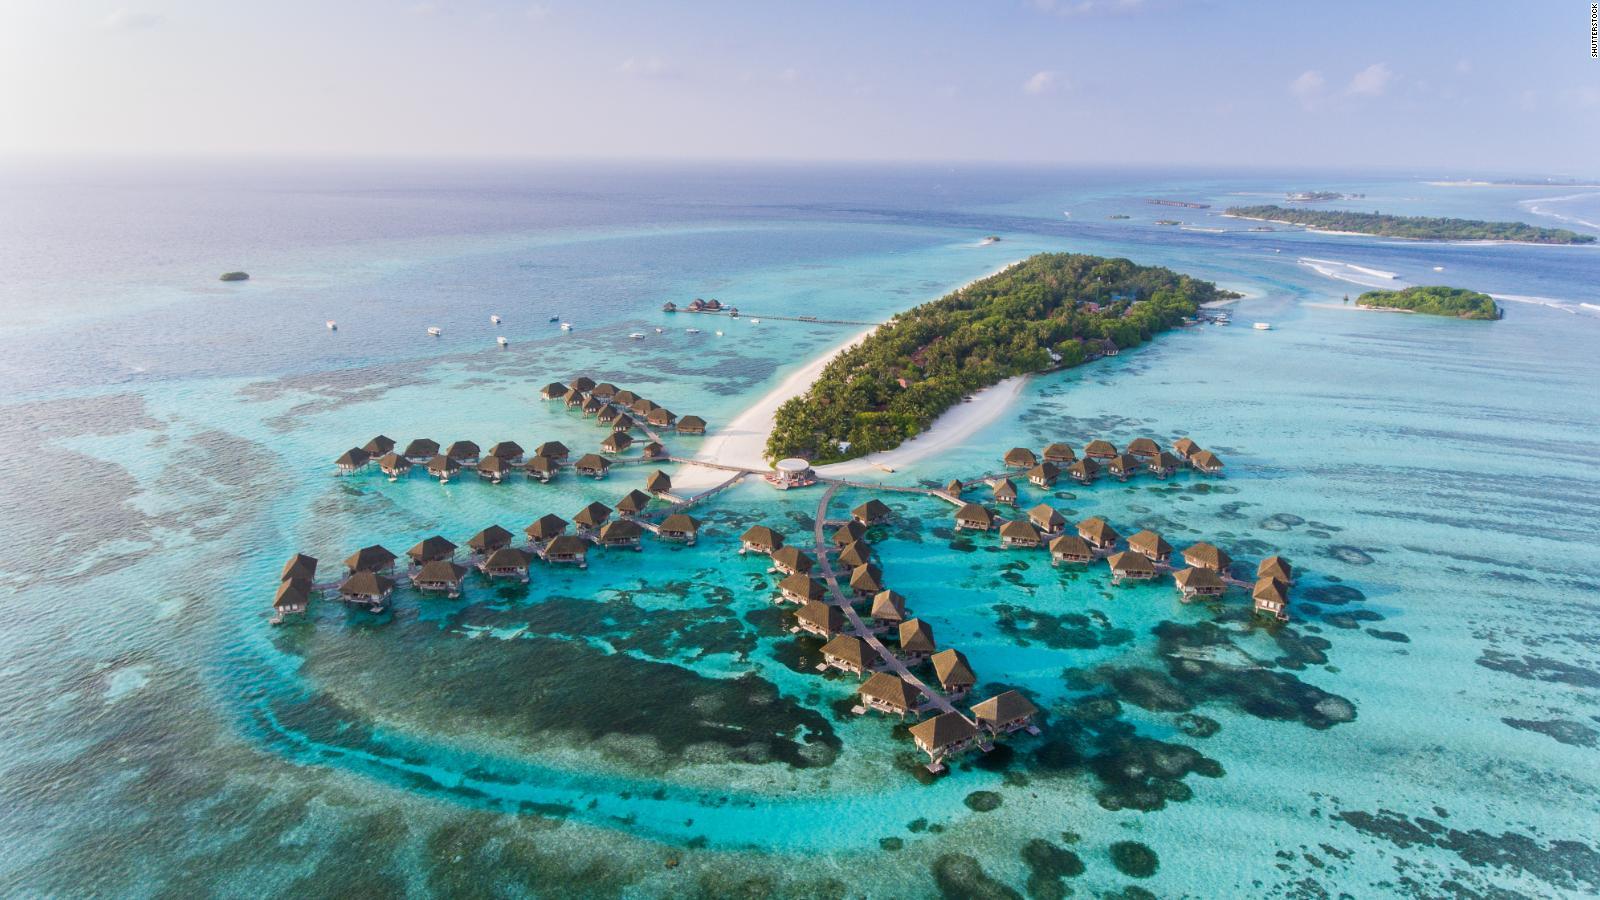 کدام خطوط هواپیمایی به مالدیو پرواز دارند؟